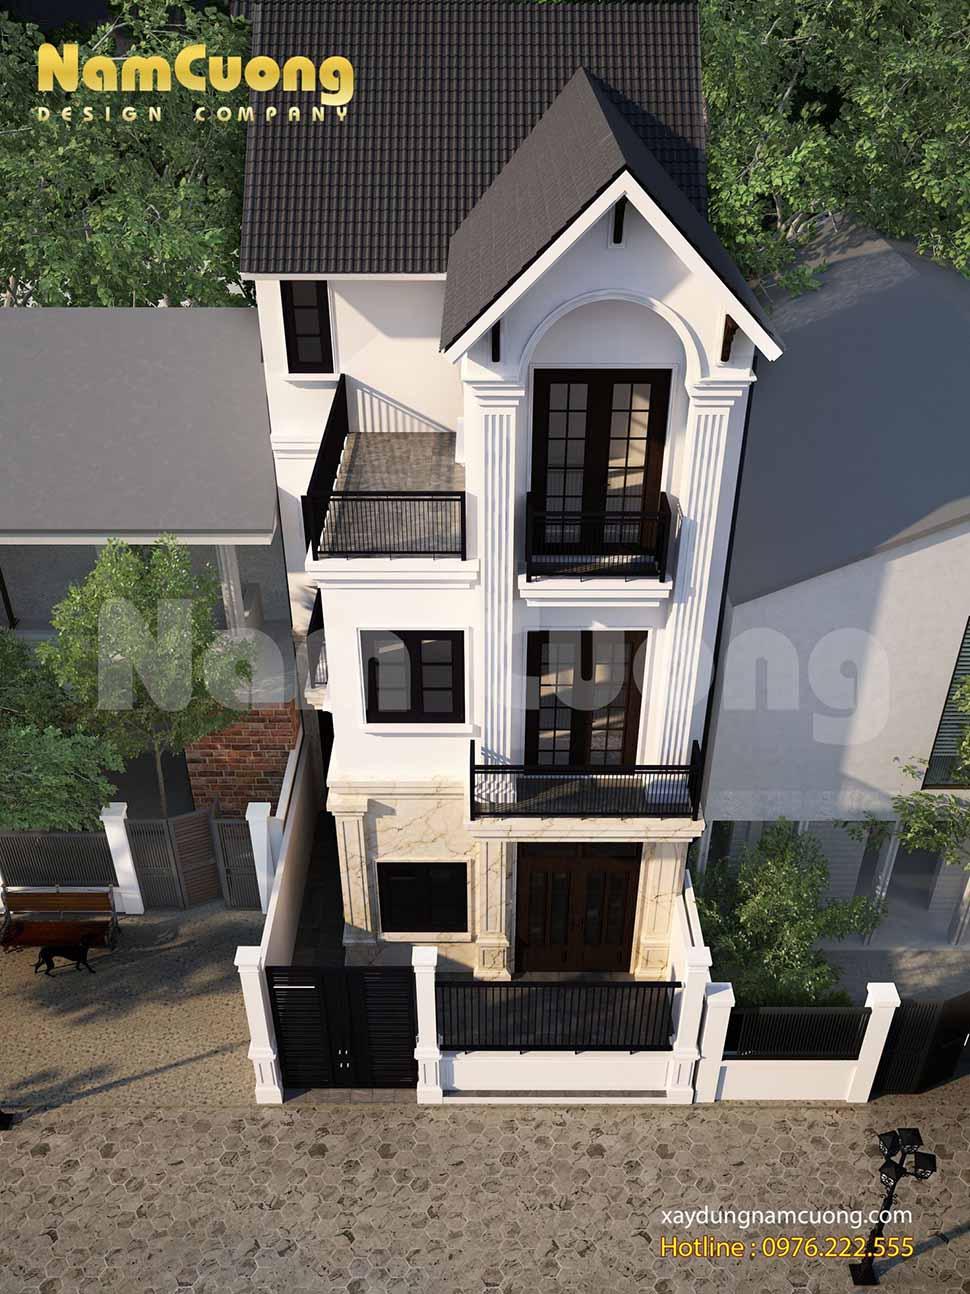 biệt thự 3 tầng 100m2 đang dần khẳng định được vị trí của mình trong nền kiến trúc Việt Nam.